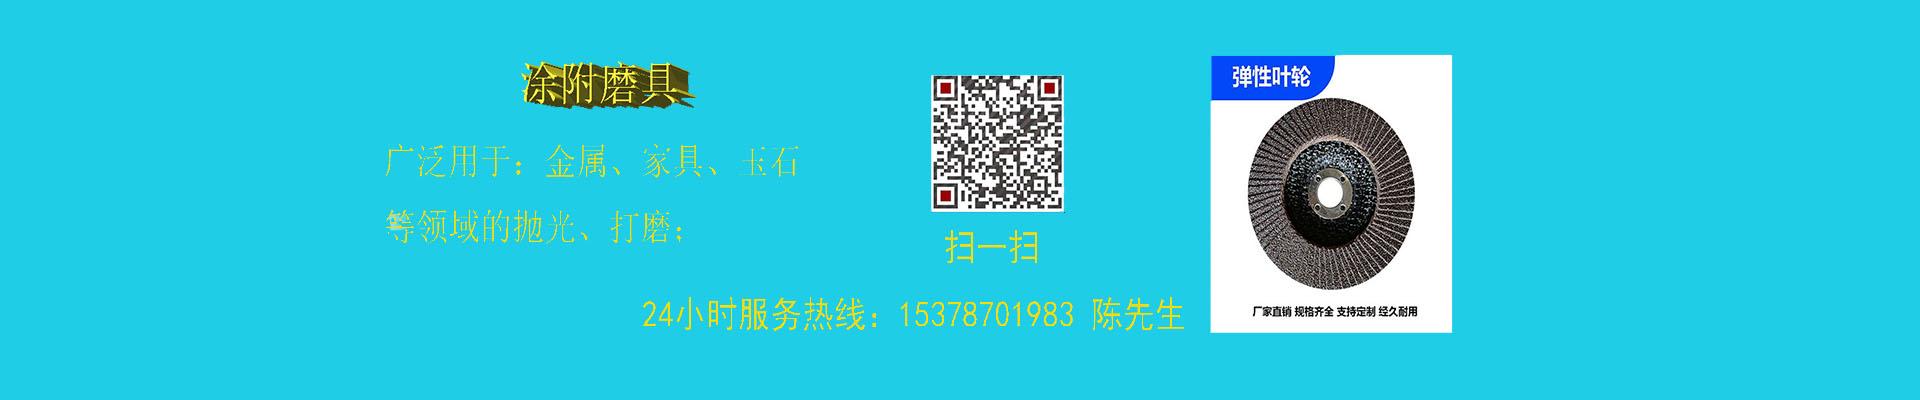 郑州恒丰磨料磨具有限公司